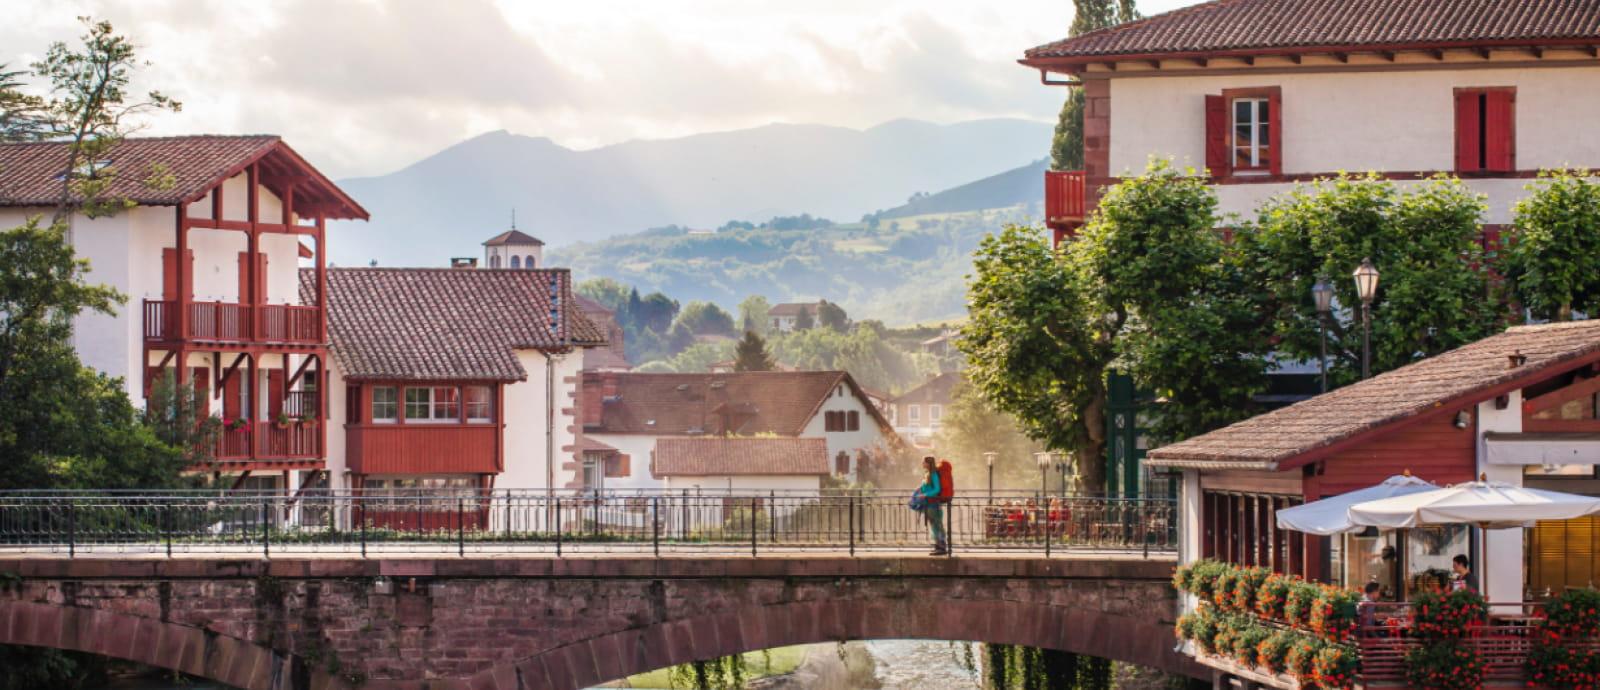 Voyage en Pays Basque